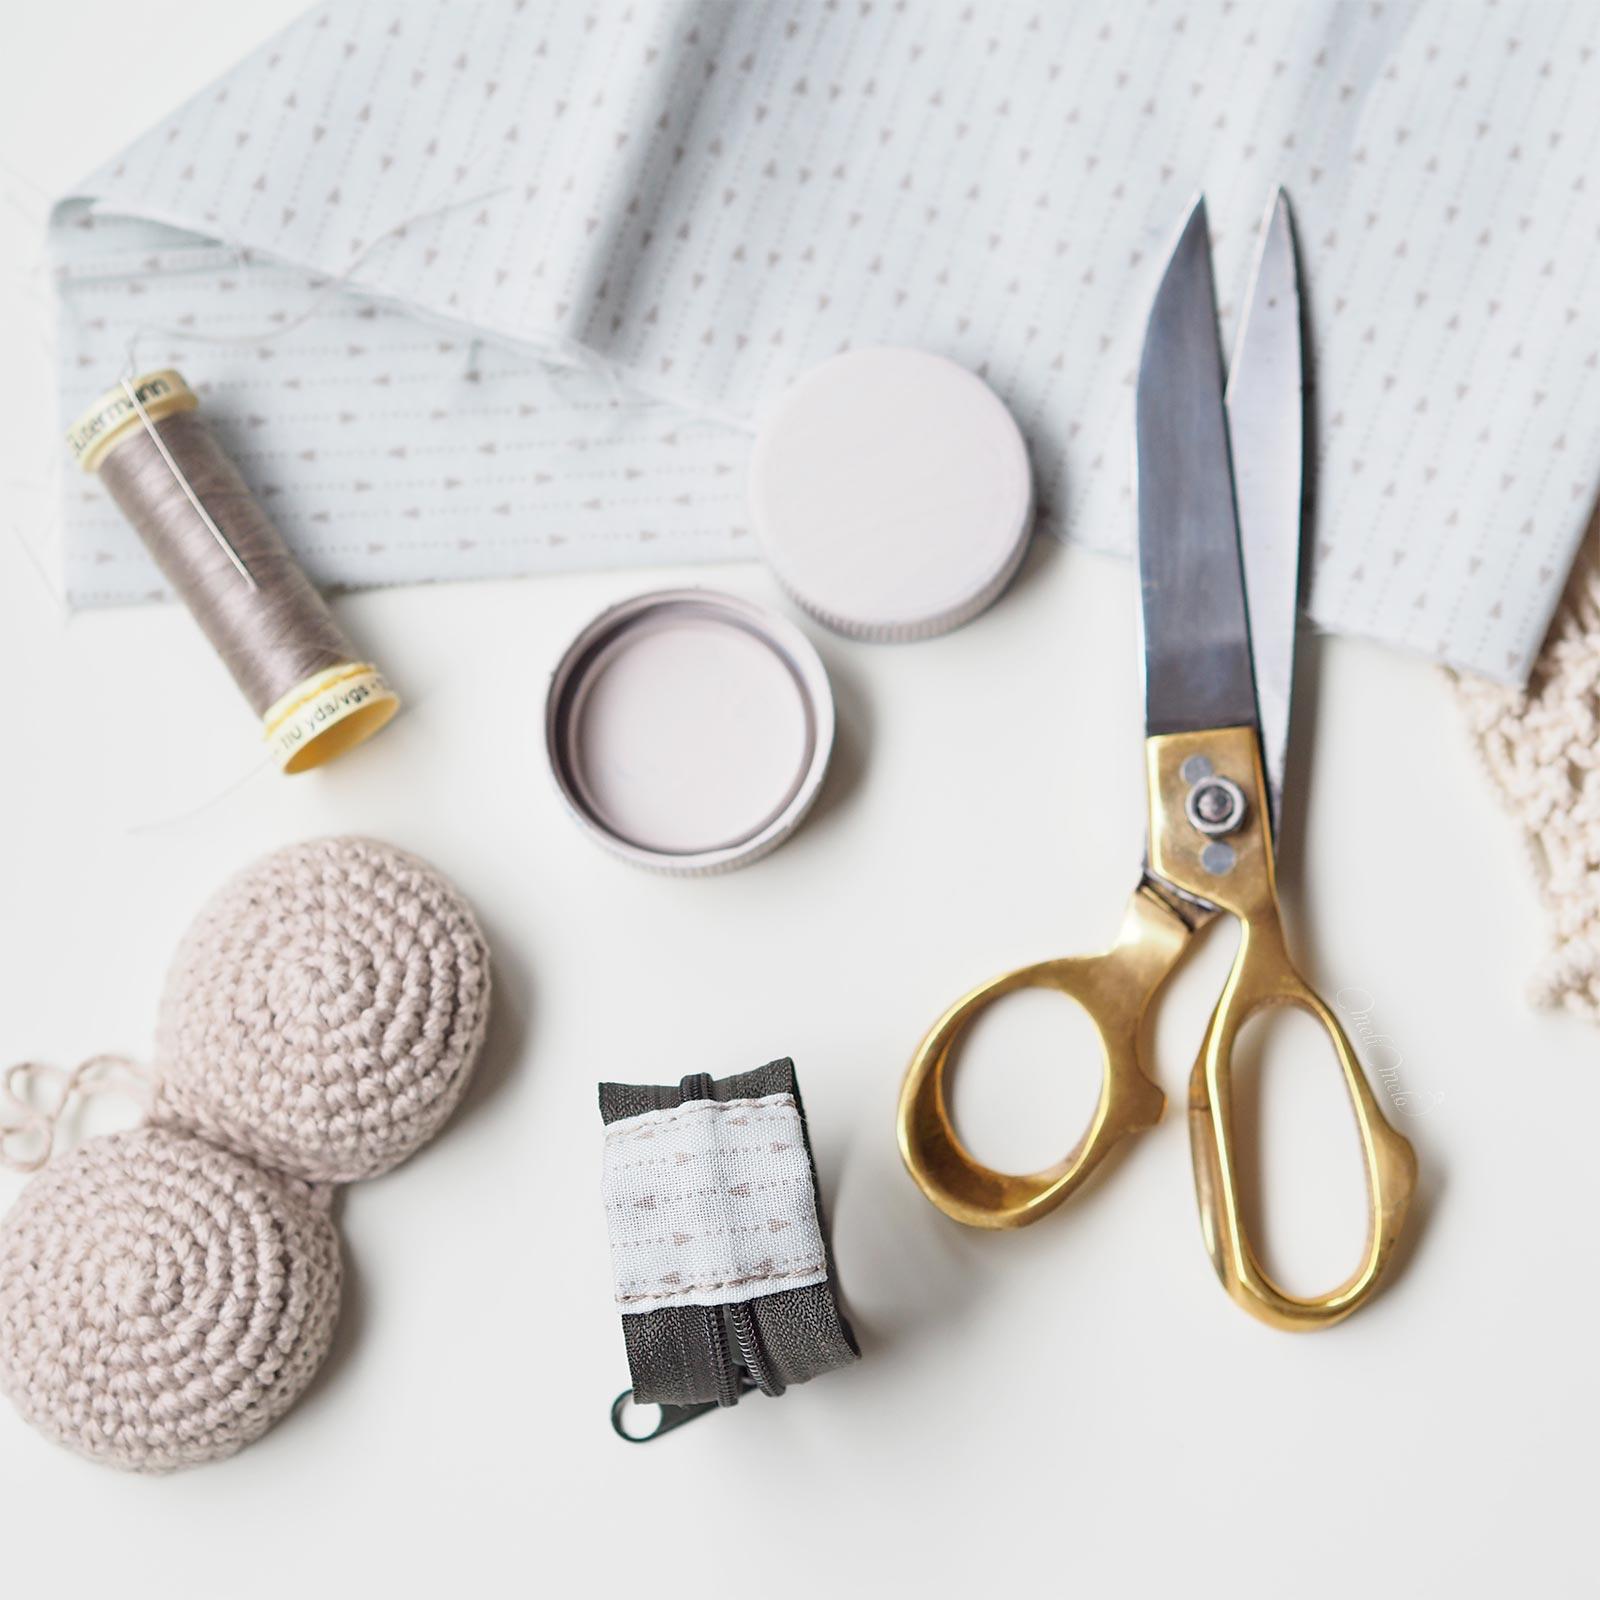 couture blocage zip crochet boitier chouettekit boutique melimelo